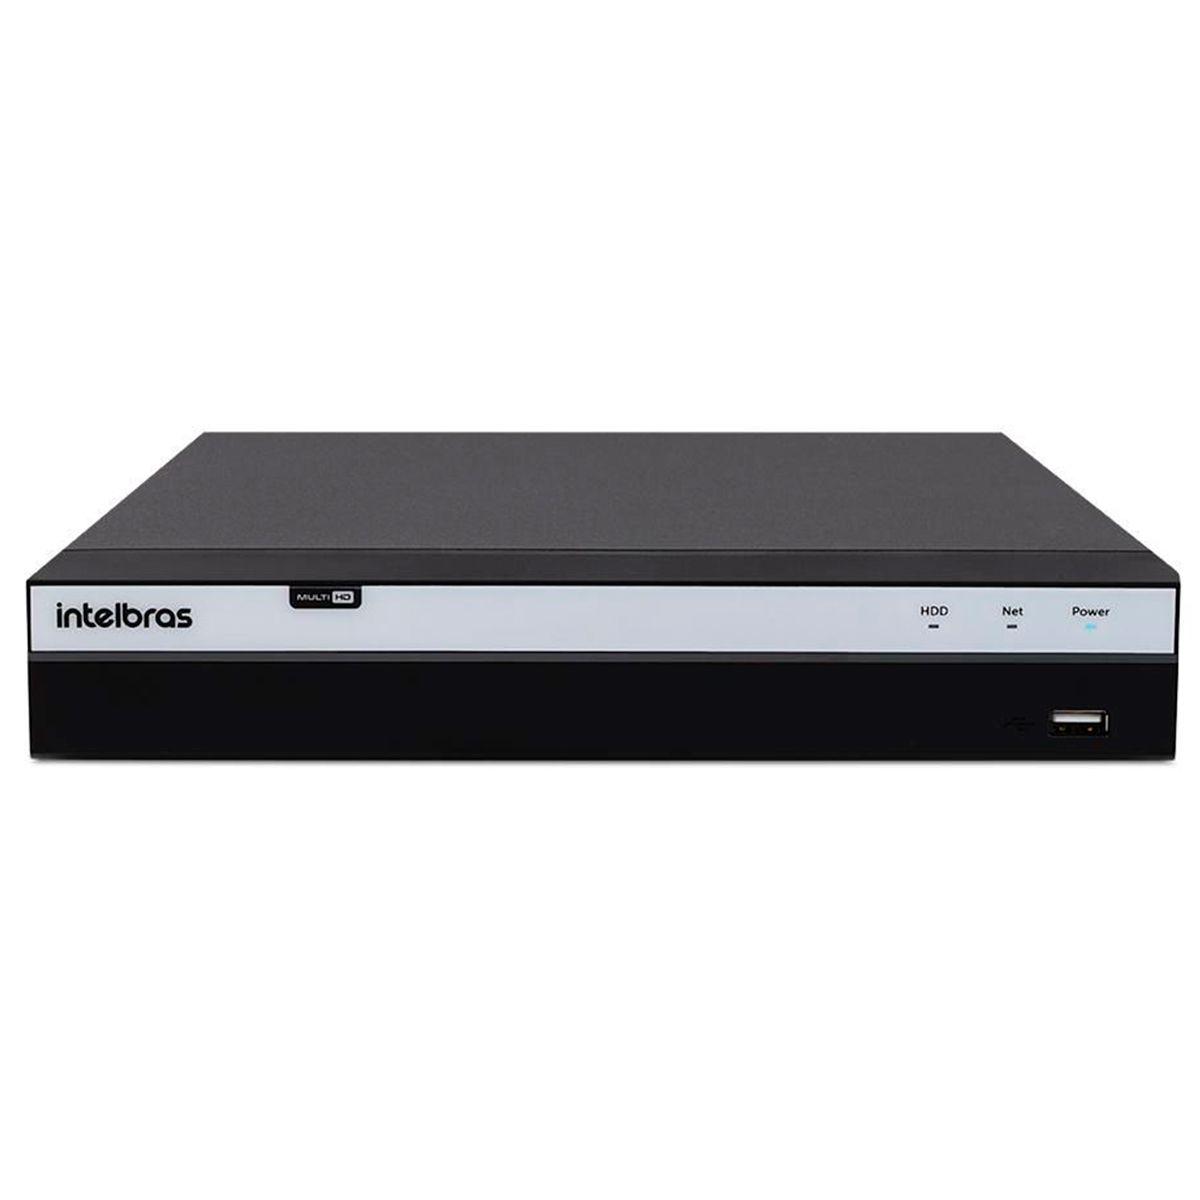 Kit 8 Câmeras de Segurança Full HD 1080p VHD 3230 B G5 + DVR Intelbras MHDX 3108 Full HD de 8 Canais + Acessórios  - Tudo Forte